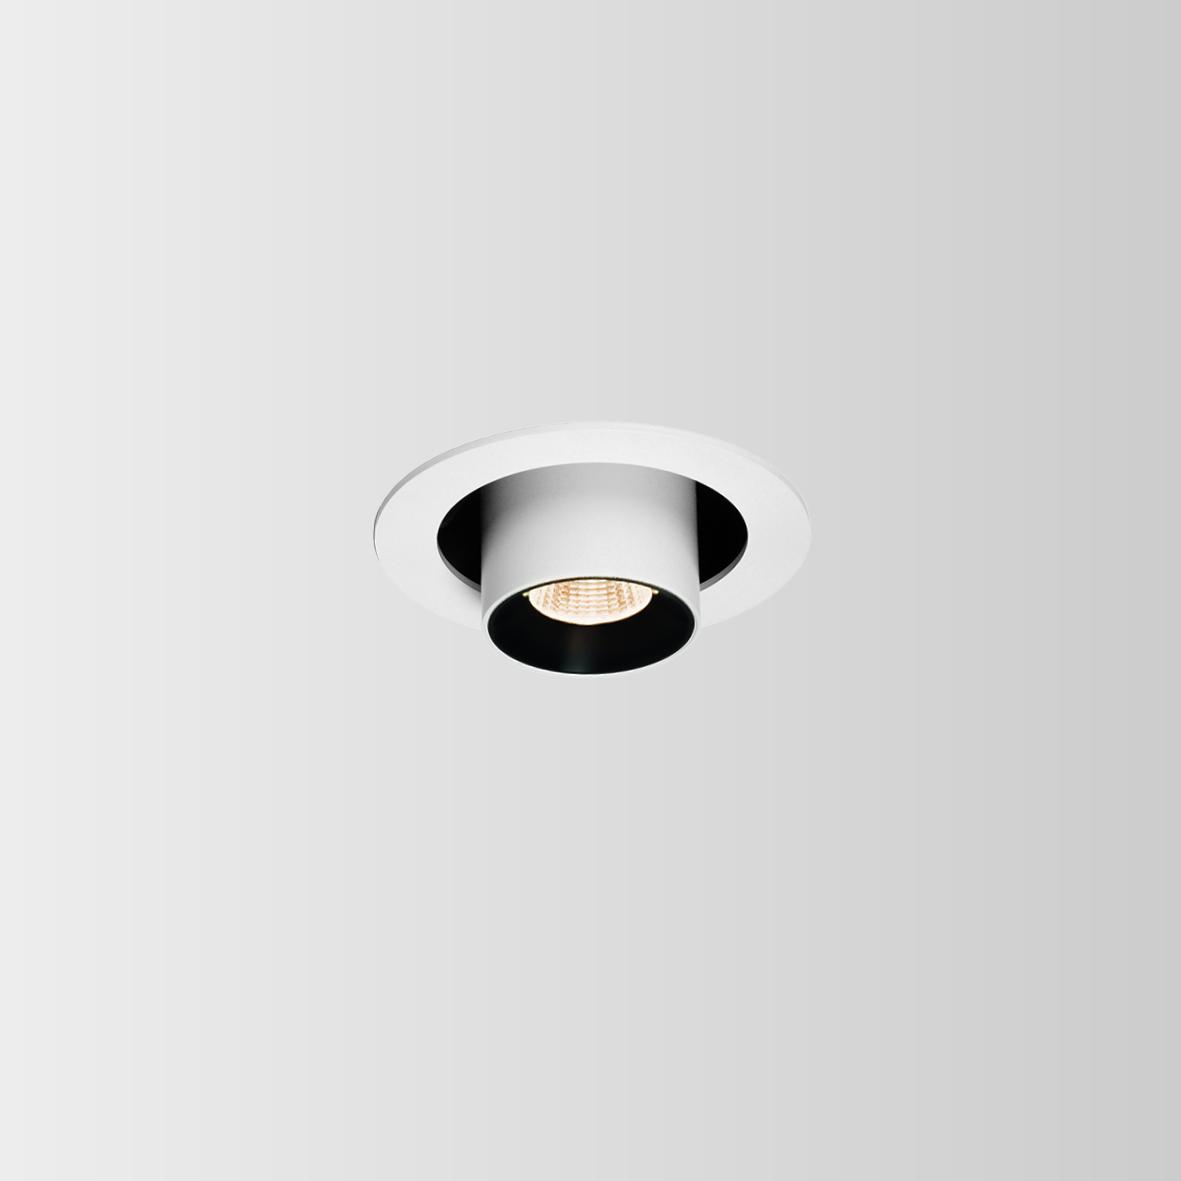 Spyder 1.0 LED 7/10W 2700K 90CRI 350-500mA, Valge